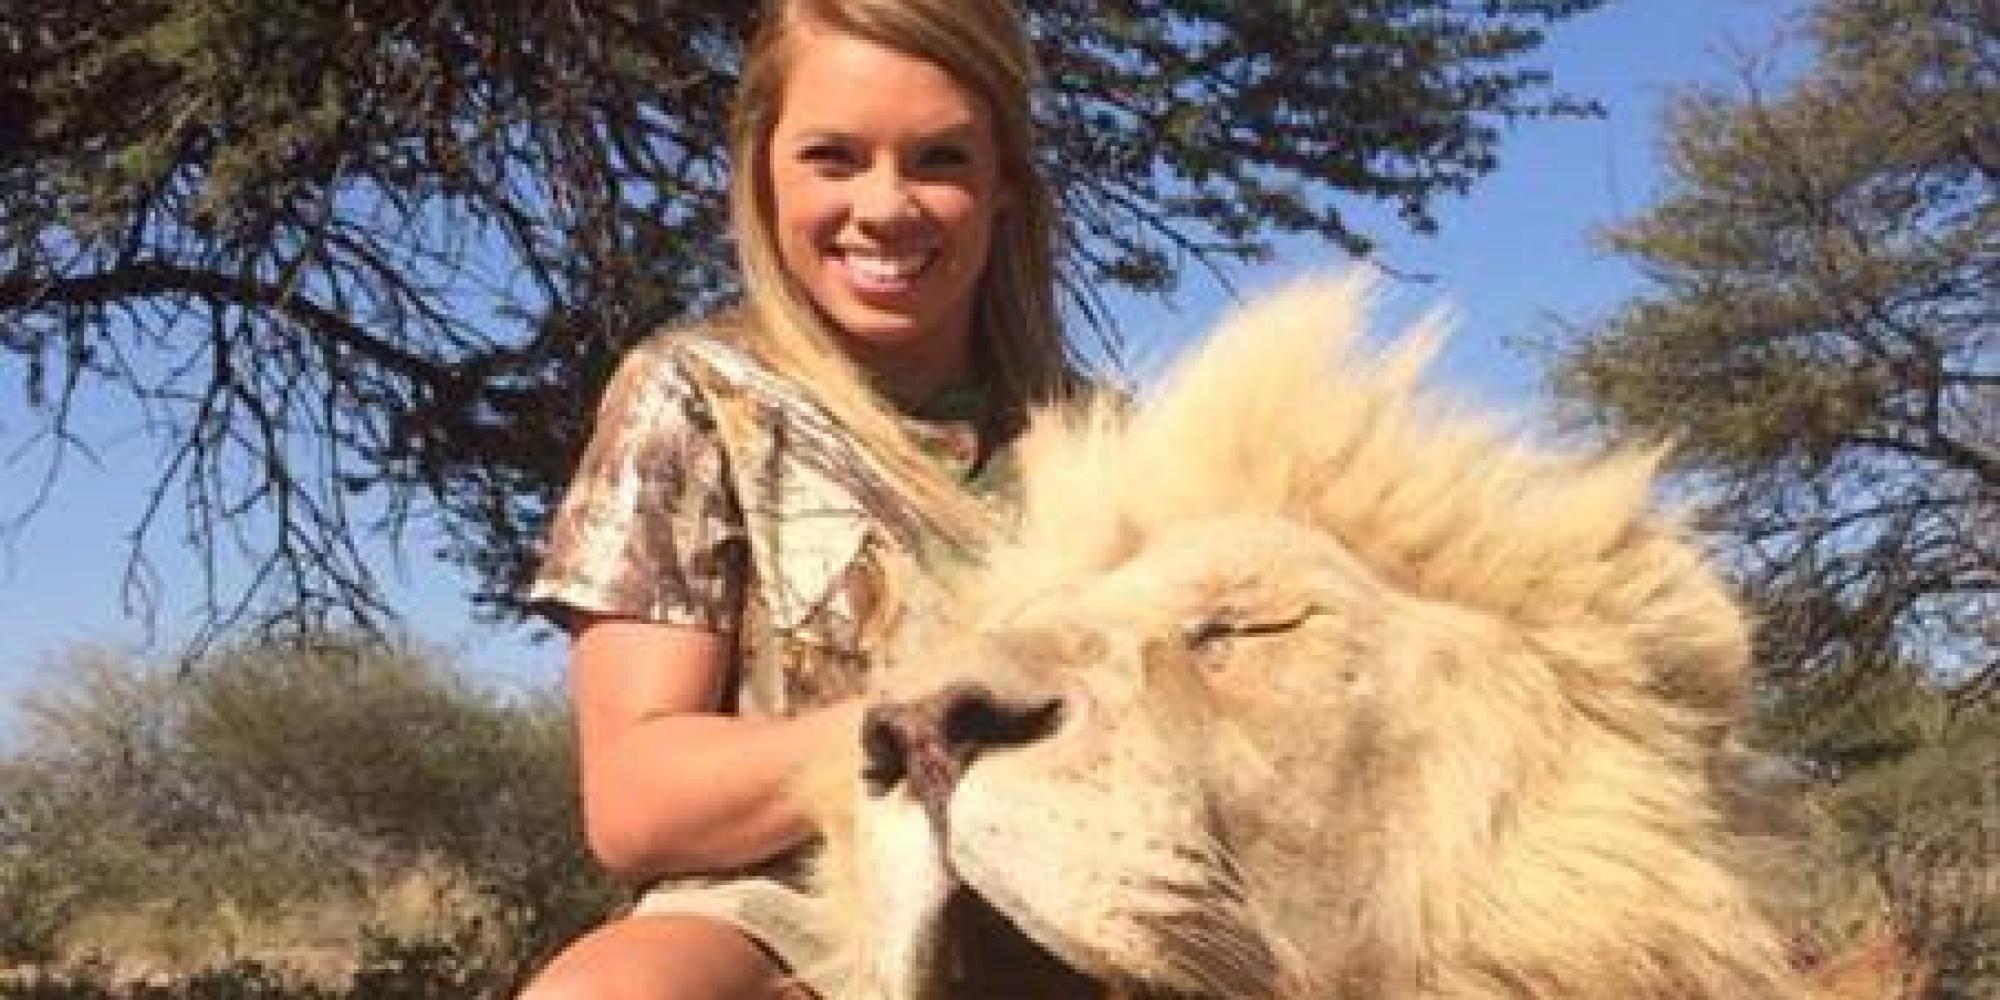 Meet The Texan Cheerleader Who Hunts Exotic Animals